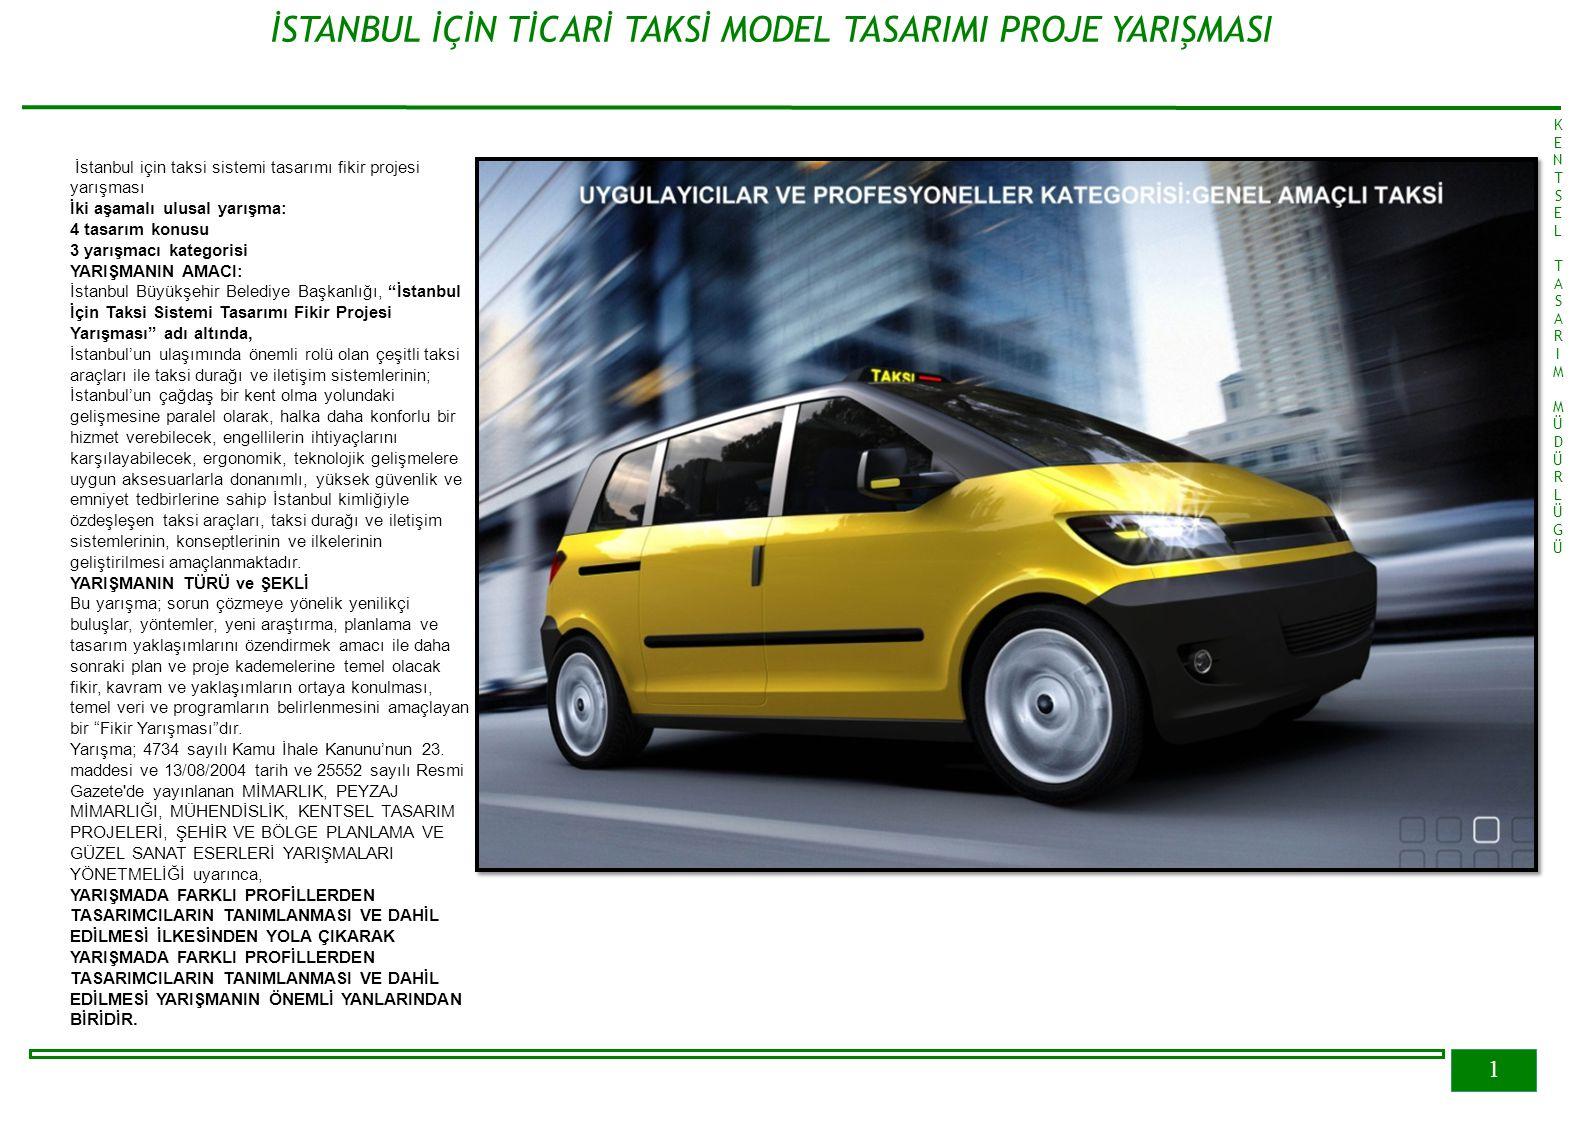 1 İSTANBUL İÇİN TİCARİ TAKSİ MODEL TASARIMI PROJE YARIŞMASI KENTSELTASARIMMÜDÜRLÜGÜKENTSELTASARIMMÜDÜRLÜGÜ İstanbul için taksi sistemi tasarımı fikir projesi yarışması İki aşamalı ulusal yarışma: 4 tasarım konusu 3 yarışmacı kategorisi YARIŞMANIN AMACI: İstanbul Büyükşehir Belediye Başkanlığı, İstanbul İçin Taksi Sistemi Tasarımı Fikir Projesi Yarışması adı altında, İstanbul'un ulaşımında önemli rolü olan çeşitli taksi araçları ile taksi durağı ve iletişim sistemlerinin; İstanbul'un çağdaş bir kent olma yolundaki gelişmesine paralel olarak, halka daha konforlu bir hizmet verebilecek, engellilerin ihtiyaçlarını karşılayabilecek, ergonomik, teknolojik gelişmelere uygun aksesuarlarla donanımlı, yüksek güvenlik ve emniyet tedbirlerine sahip İstanbul kimliğiyle özdeşleşen taksi araçları, taksi durağı ve iletişim sistemlerinin, konseptlerinin ve ilkelerinin geliştirilmesi amaçlanmaktadır.